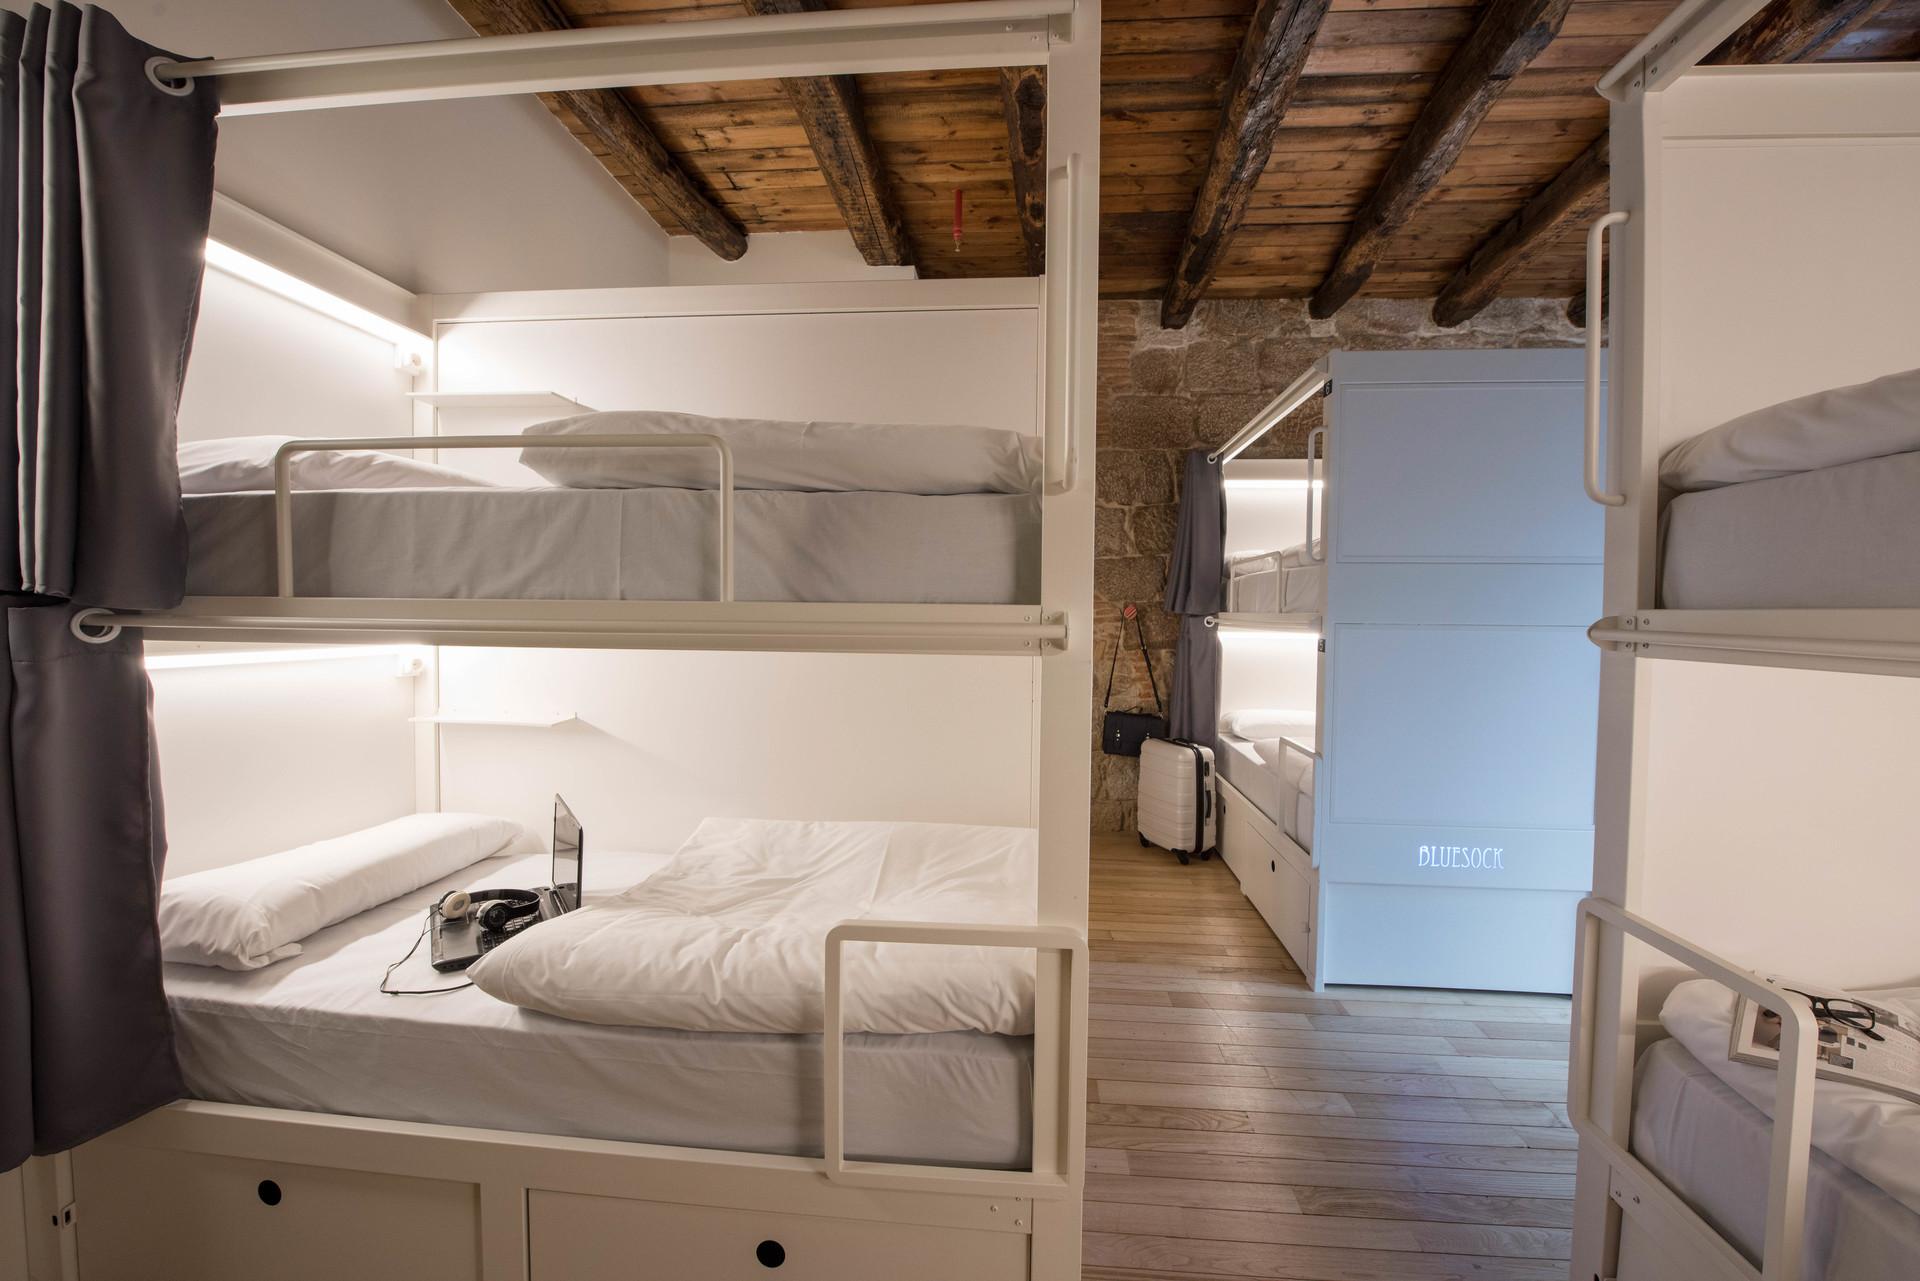 Cama individual en habitaci n con literas alquiler for Habitaciones individuales en alquiler